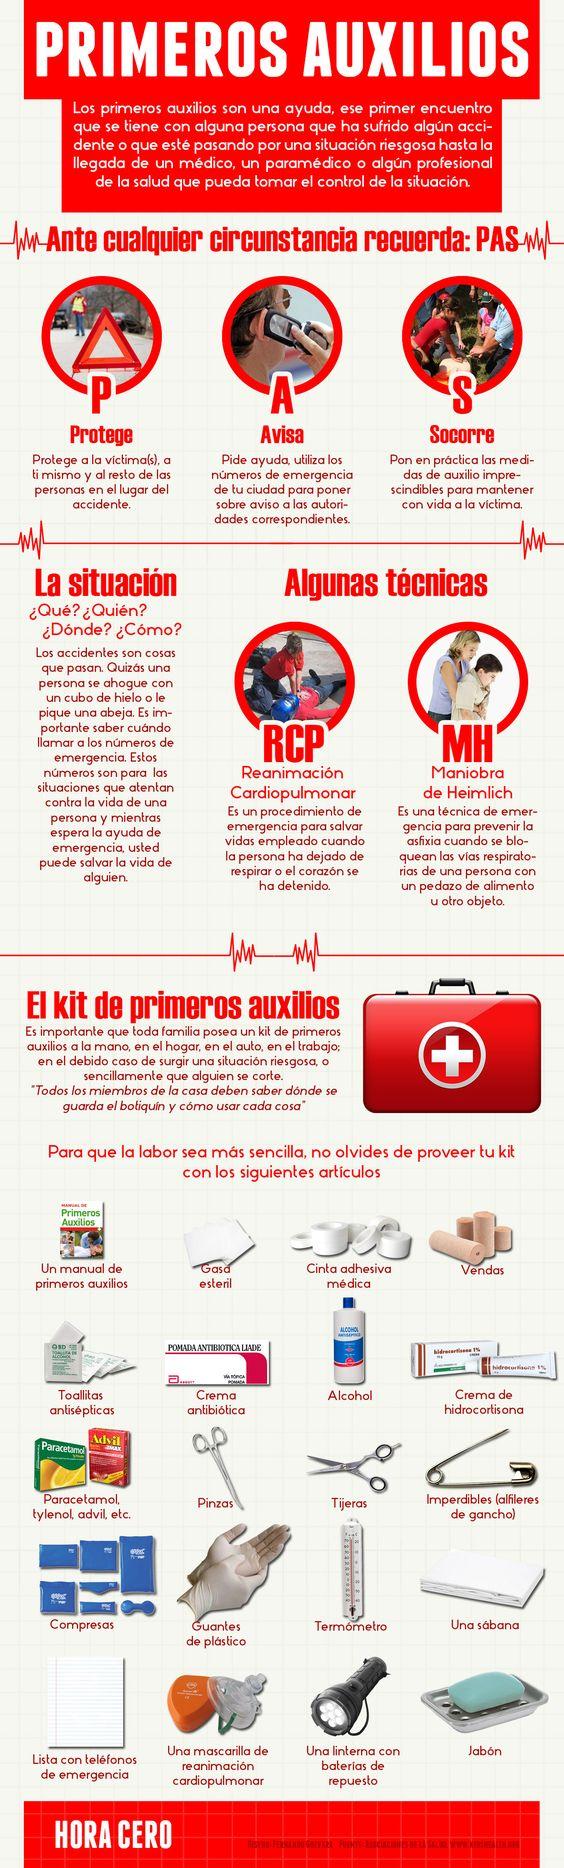 Esta infografía trata sobre los primeros auxilios, es una pequeña guía sobre los primeros auxilios y lo básico que debe de haber en un botiquín de primeros auxilios